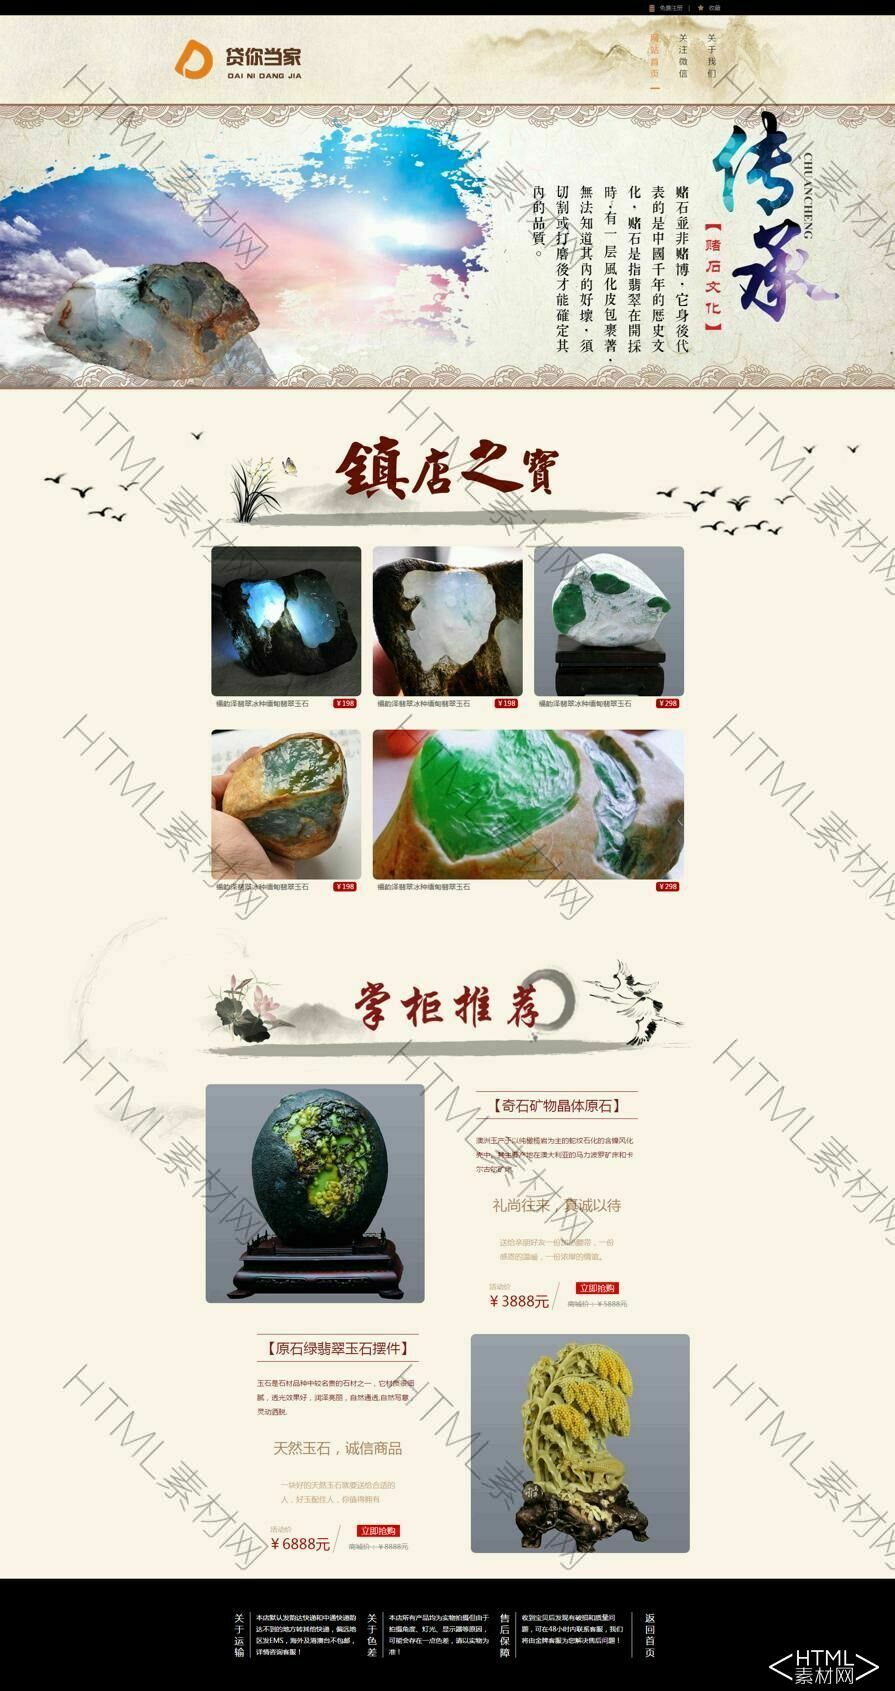 中国风的古玩玉石产品展示网站模板.jpg